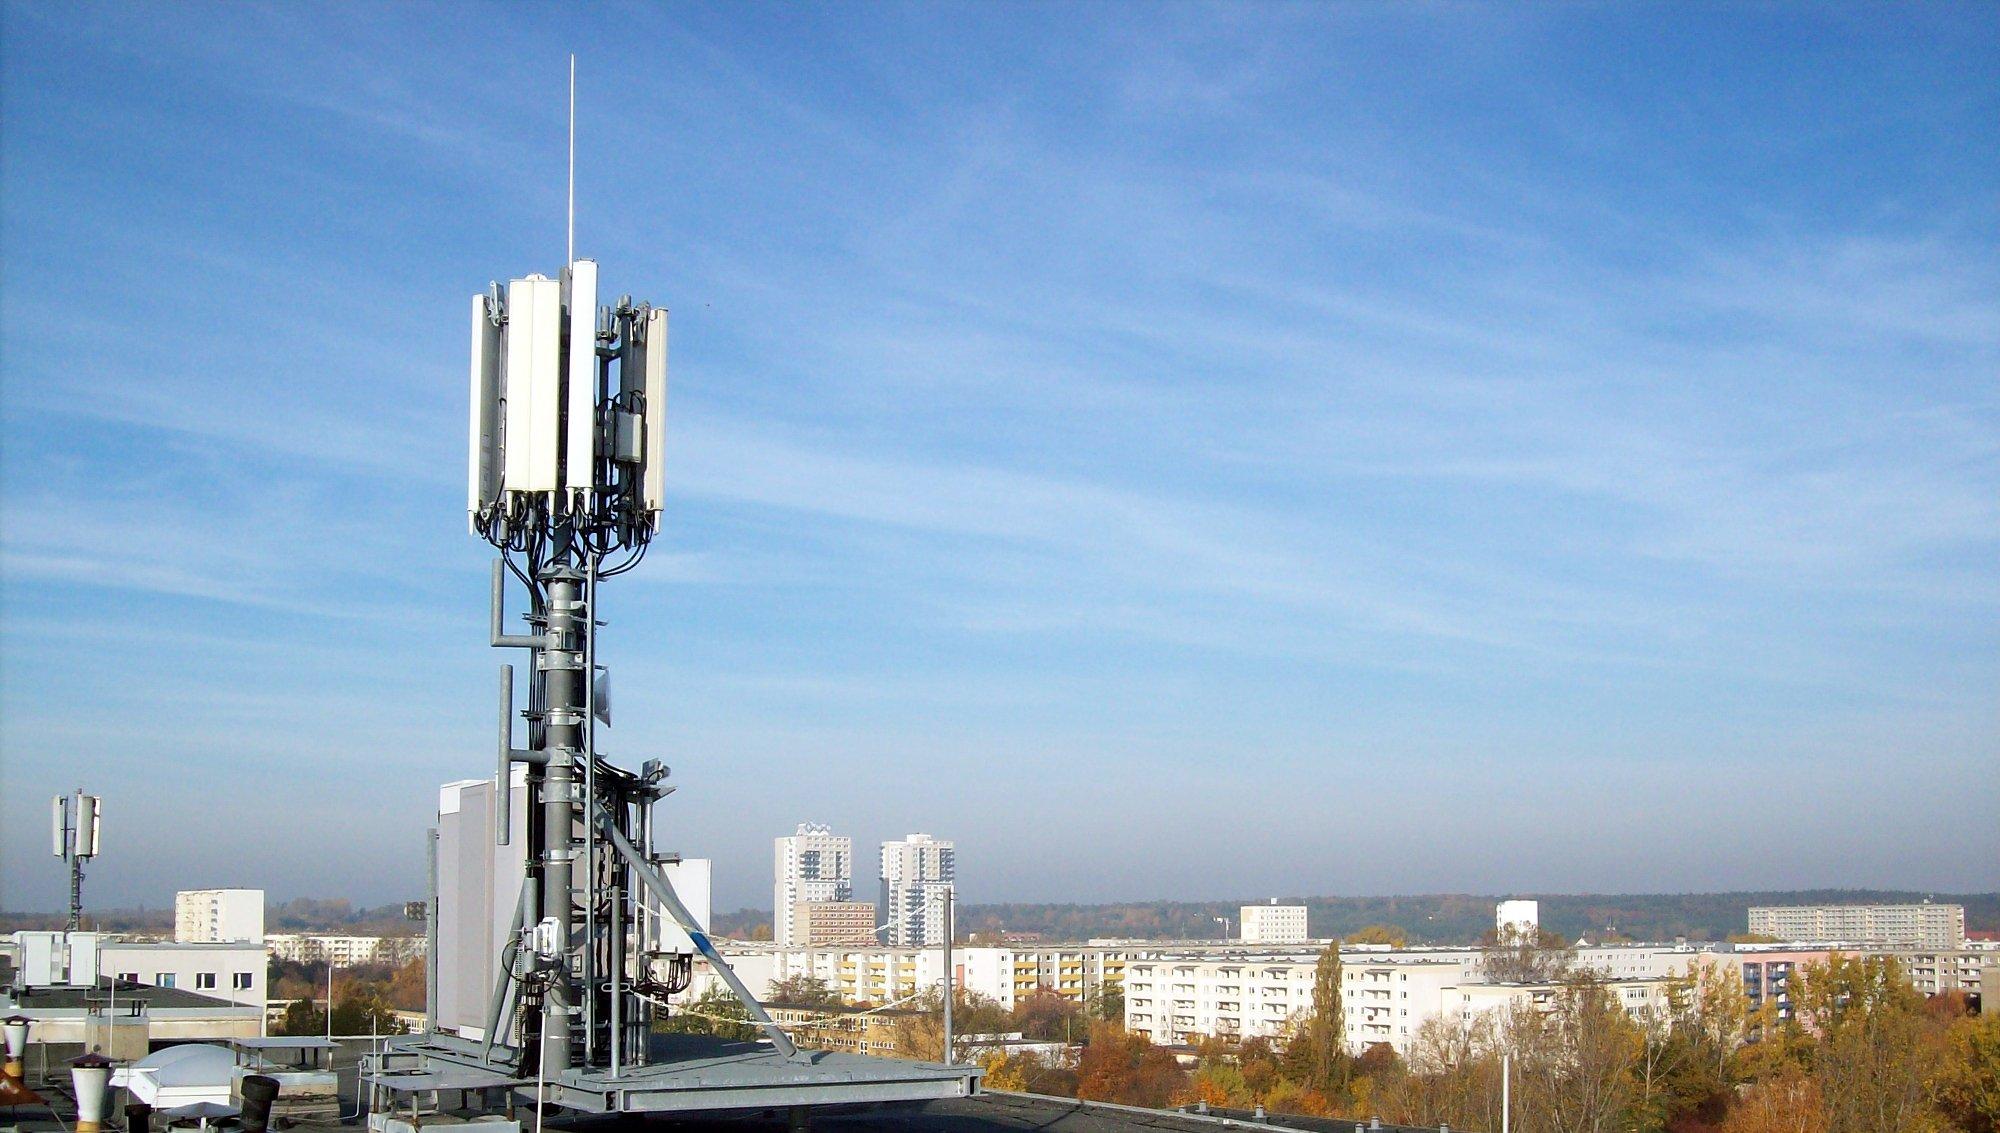 5G-Funkzellen werden per Massive MIMO mehrere Antennen einsetzen, um höhere Datenraten zu ermöglichen (Bild: O2)